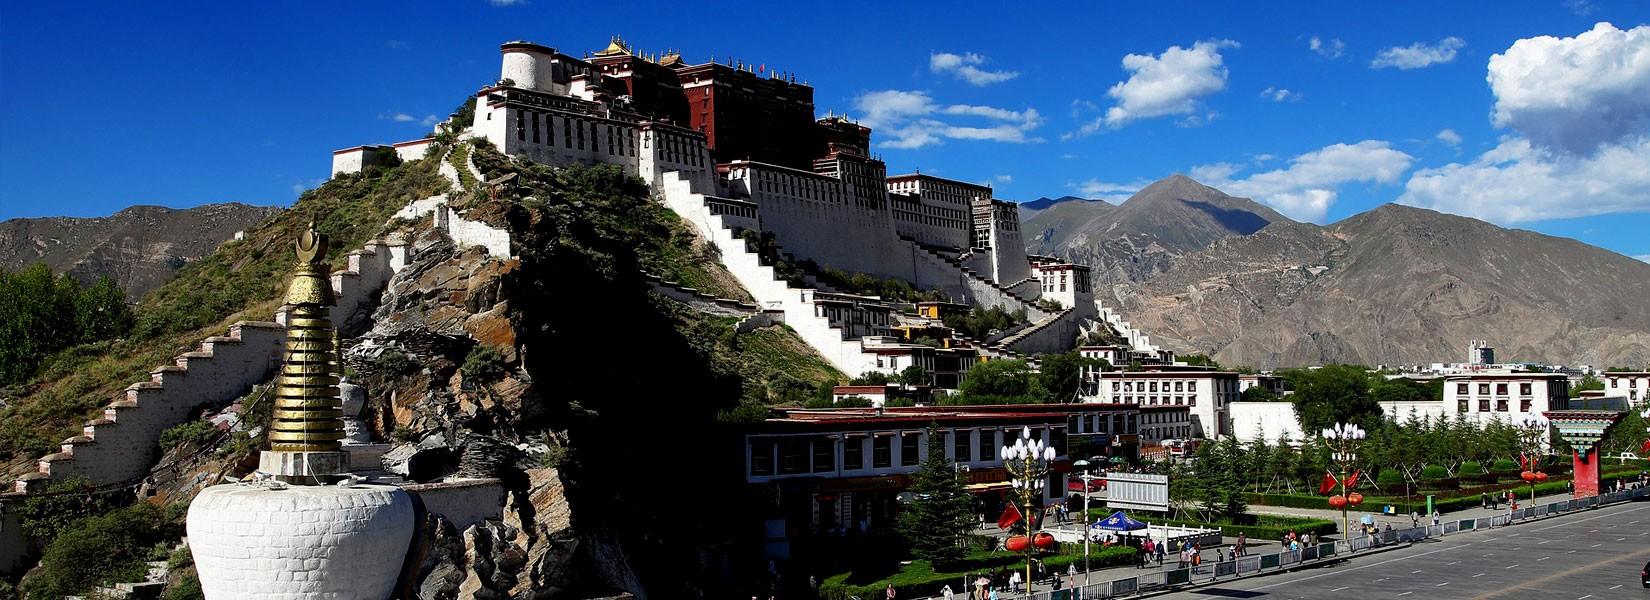 Tibet Mount Kailash Tour